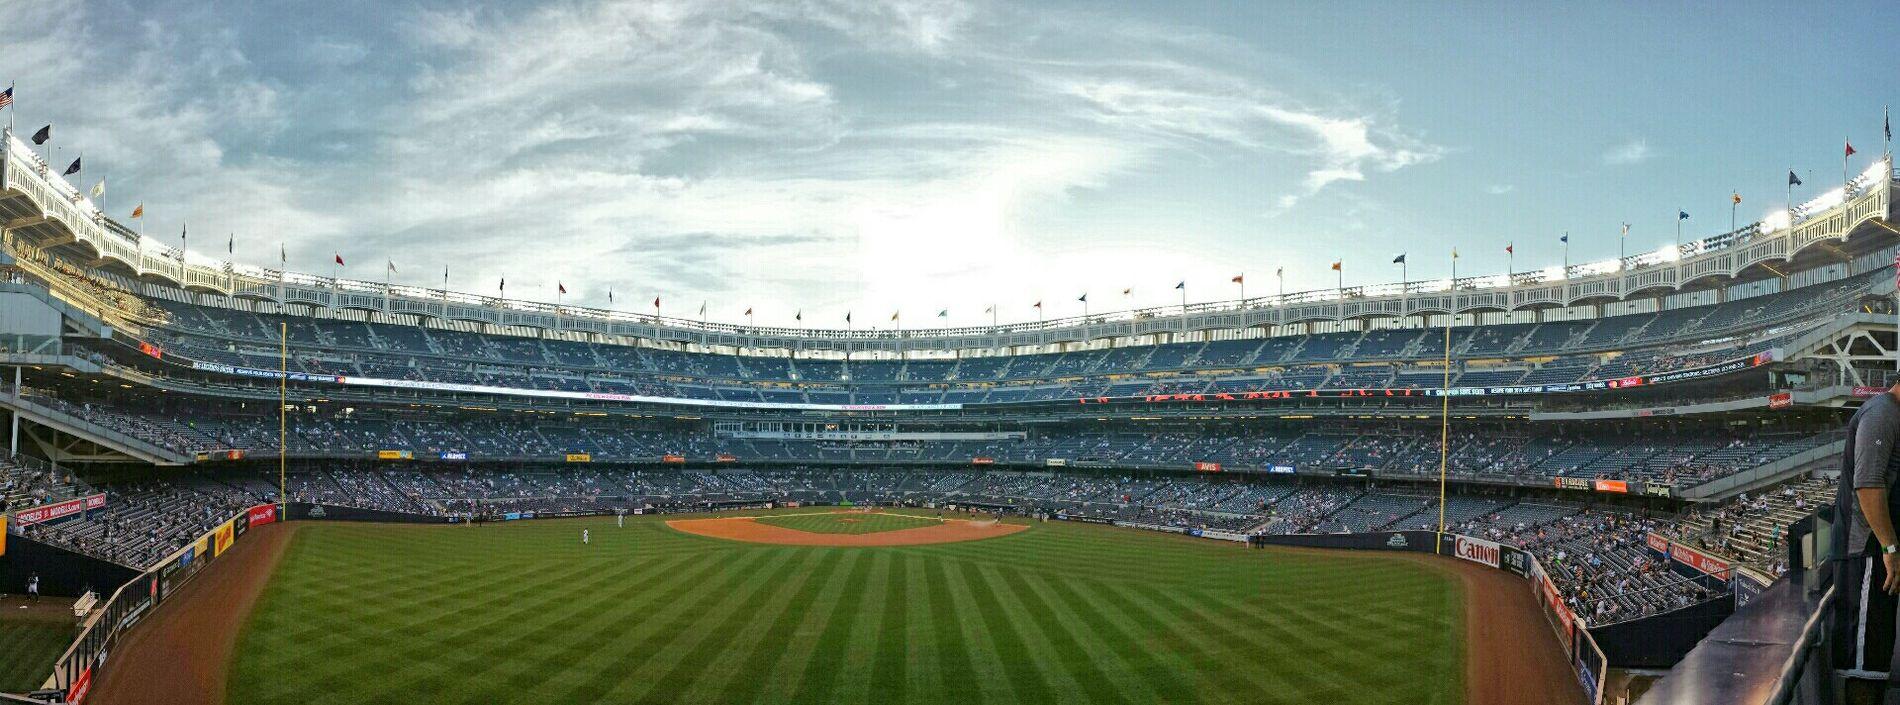 Yankee Stadium New York Yankees Baseball